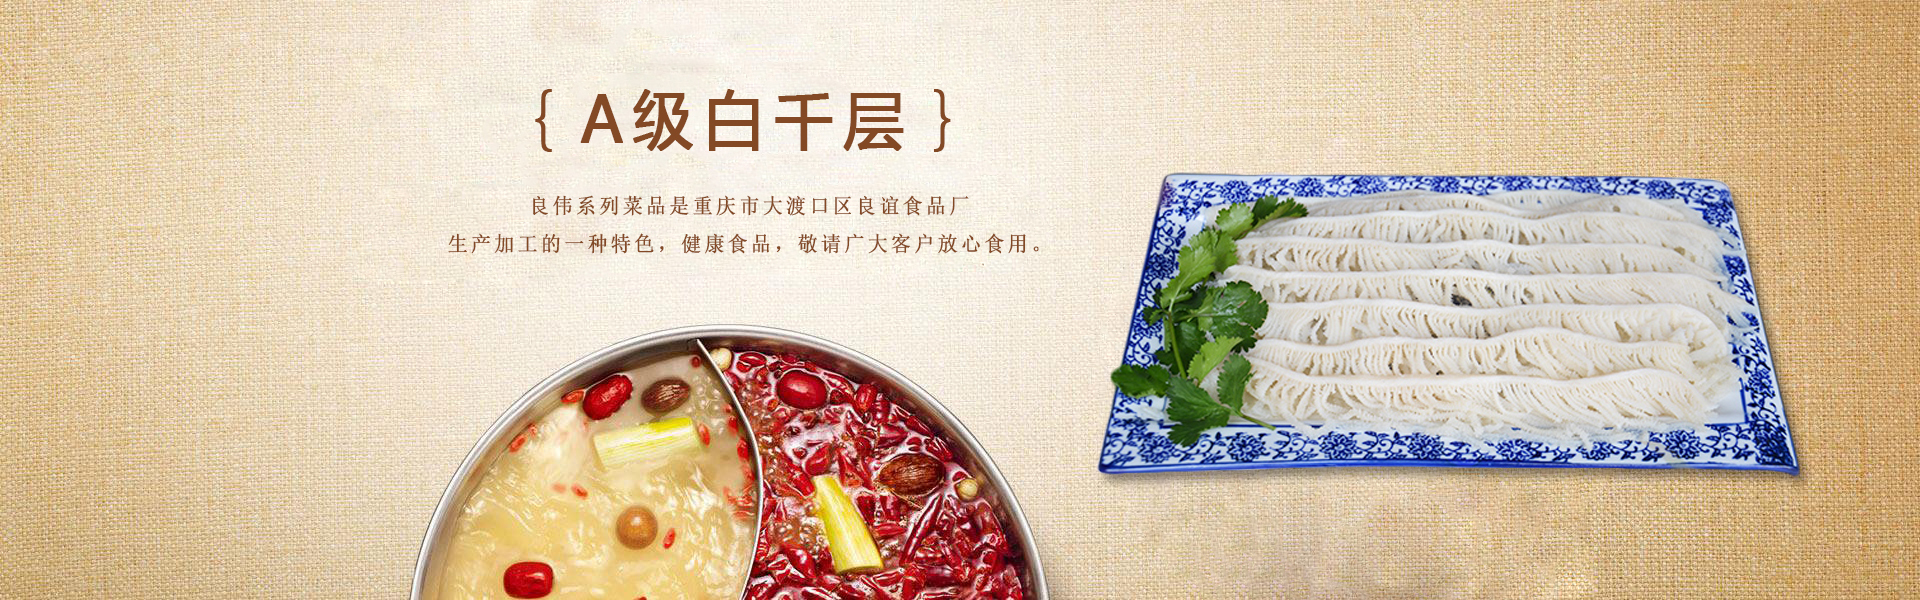 A级白千层  良伟系列菜品是重庆市大渡口区良谊食品厂生产加工的一种特色,健康食品,敬请广大客户放心食用。